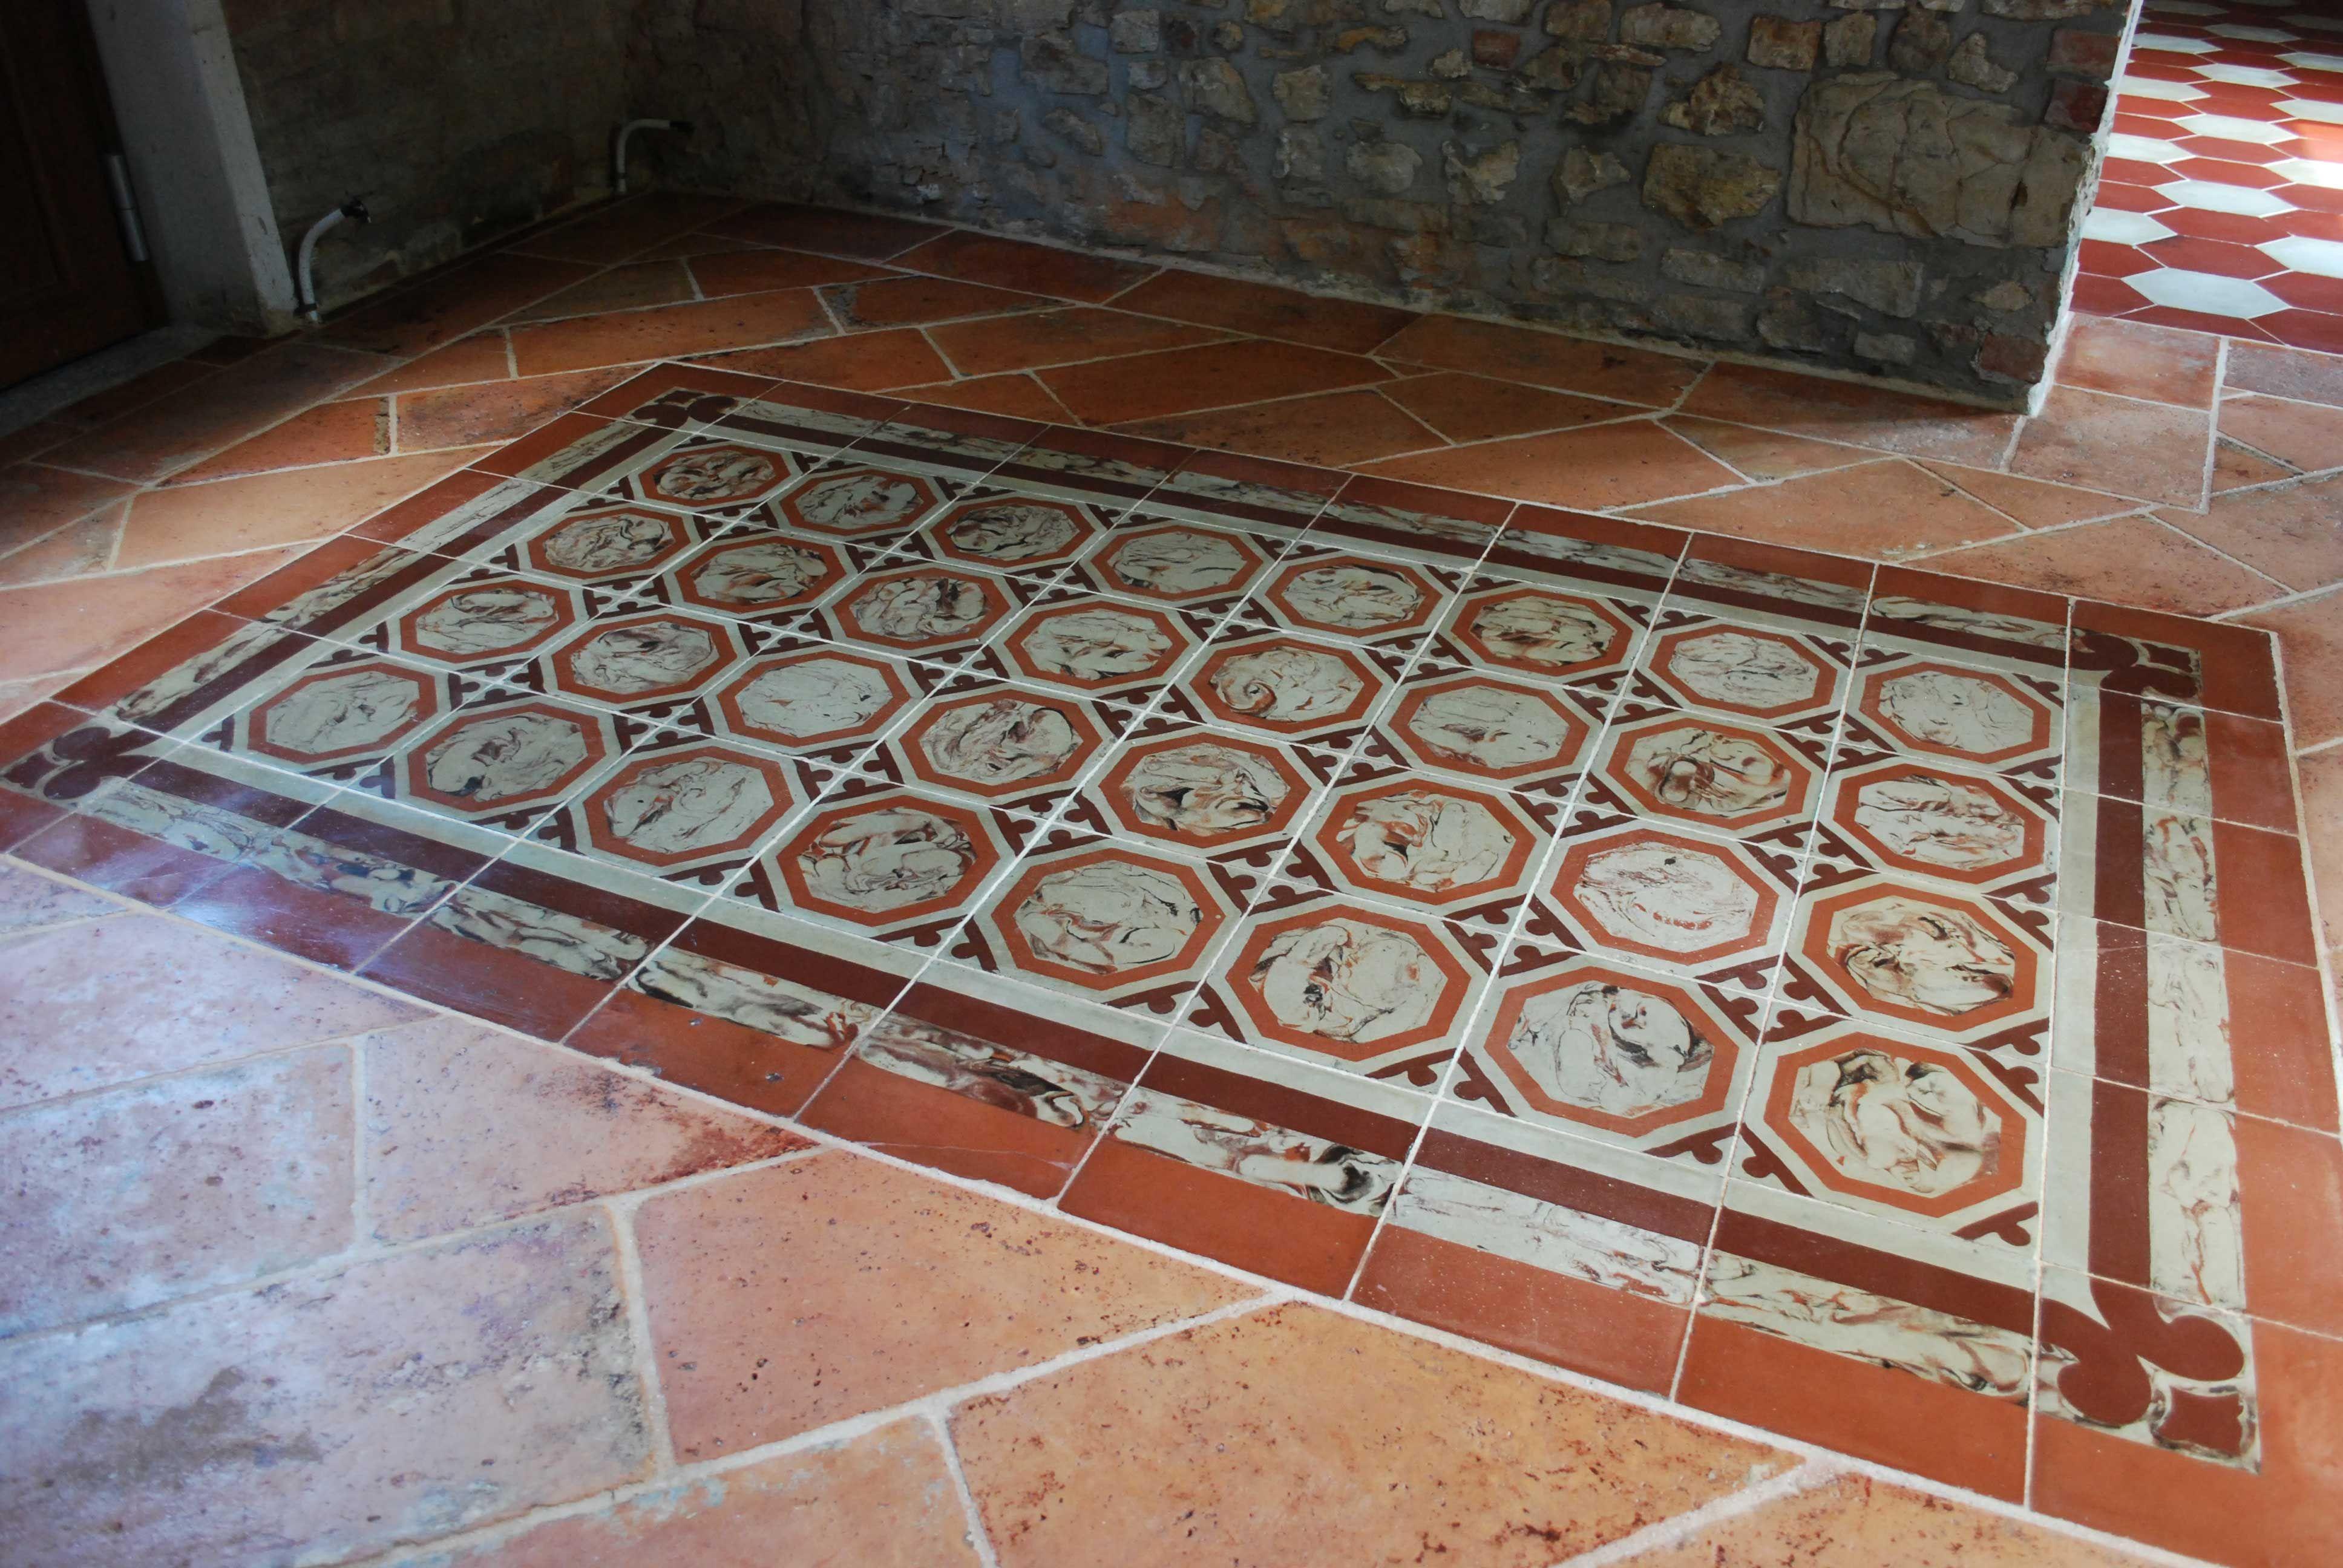 Tappeto in cementine antiche marmorizzate su pavimento in cotto